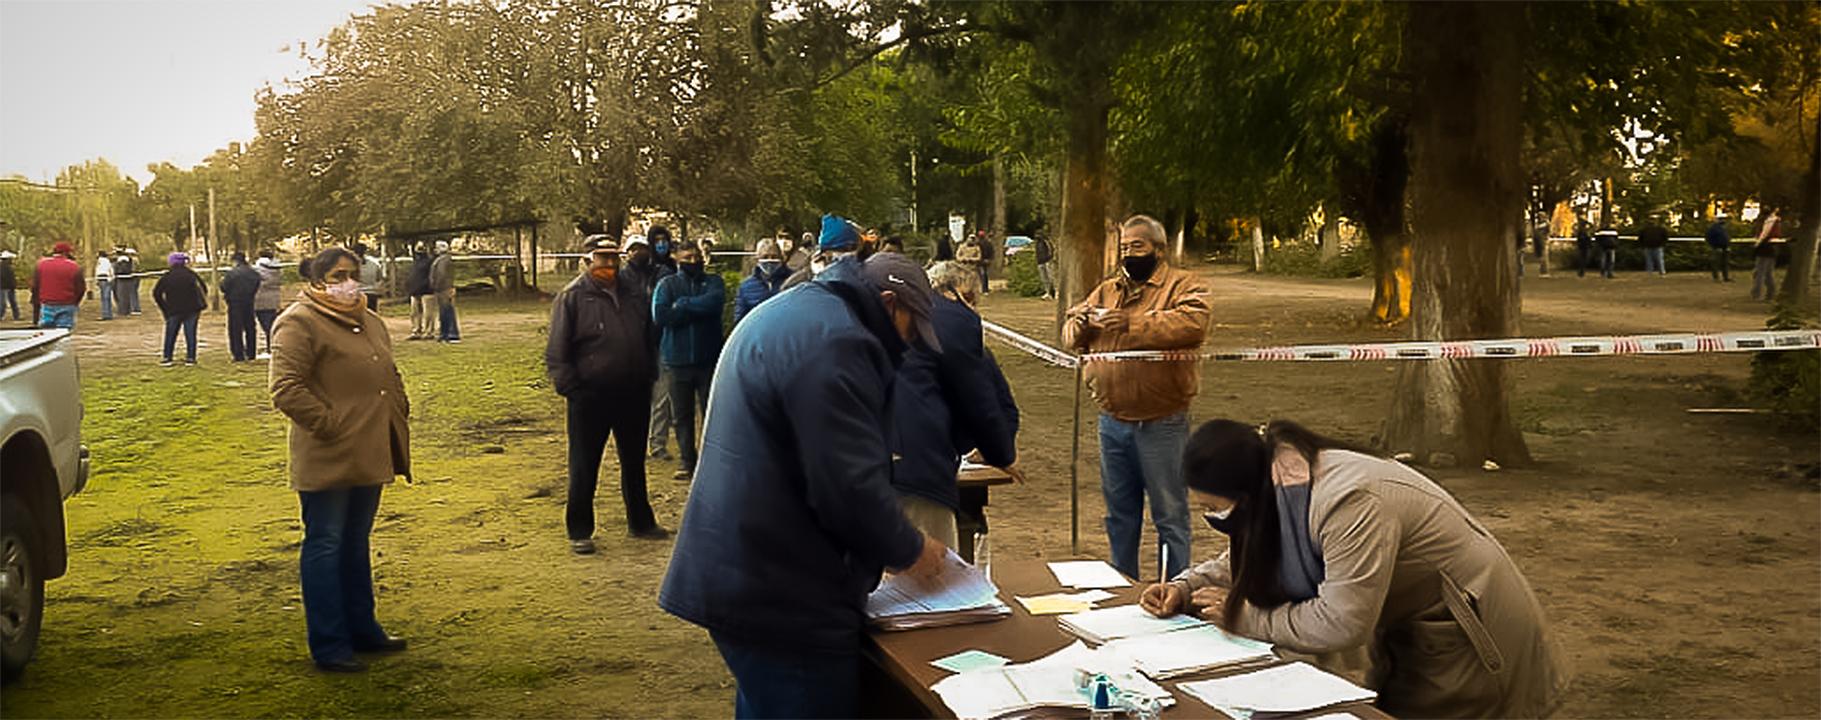 Comienza la inscripción del Registro Tabacalero 21-22